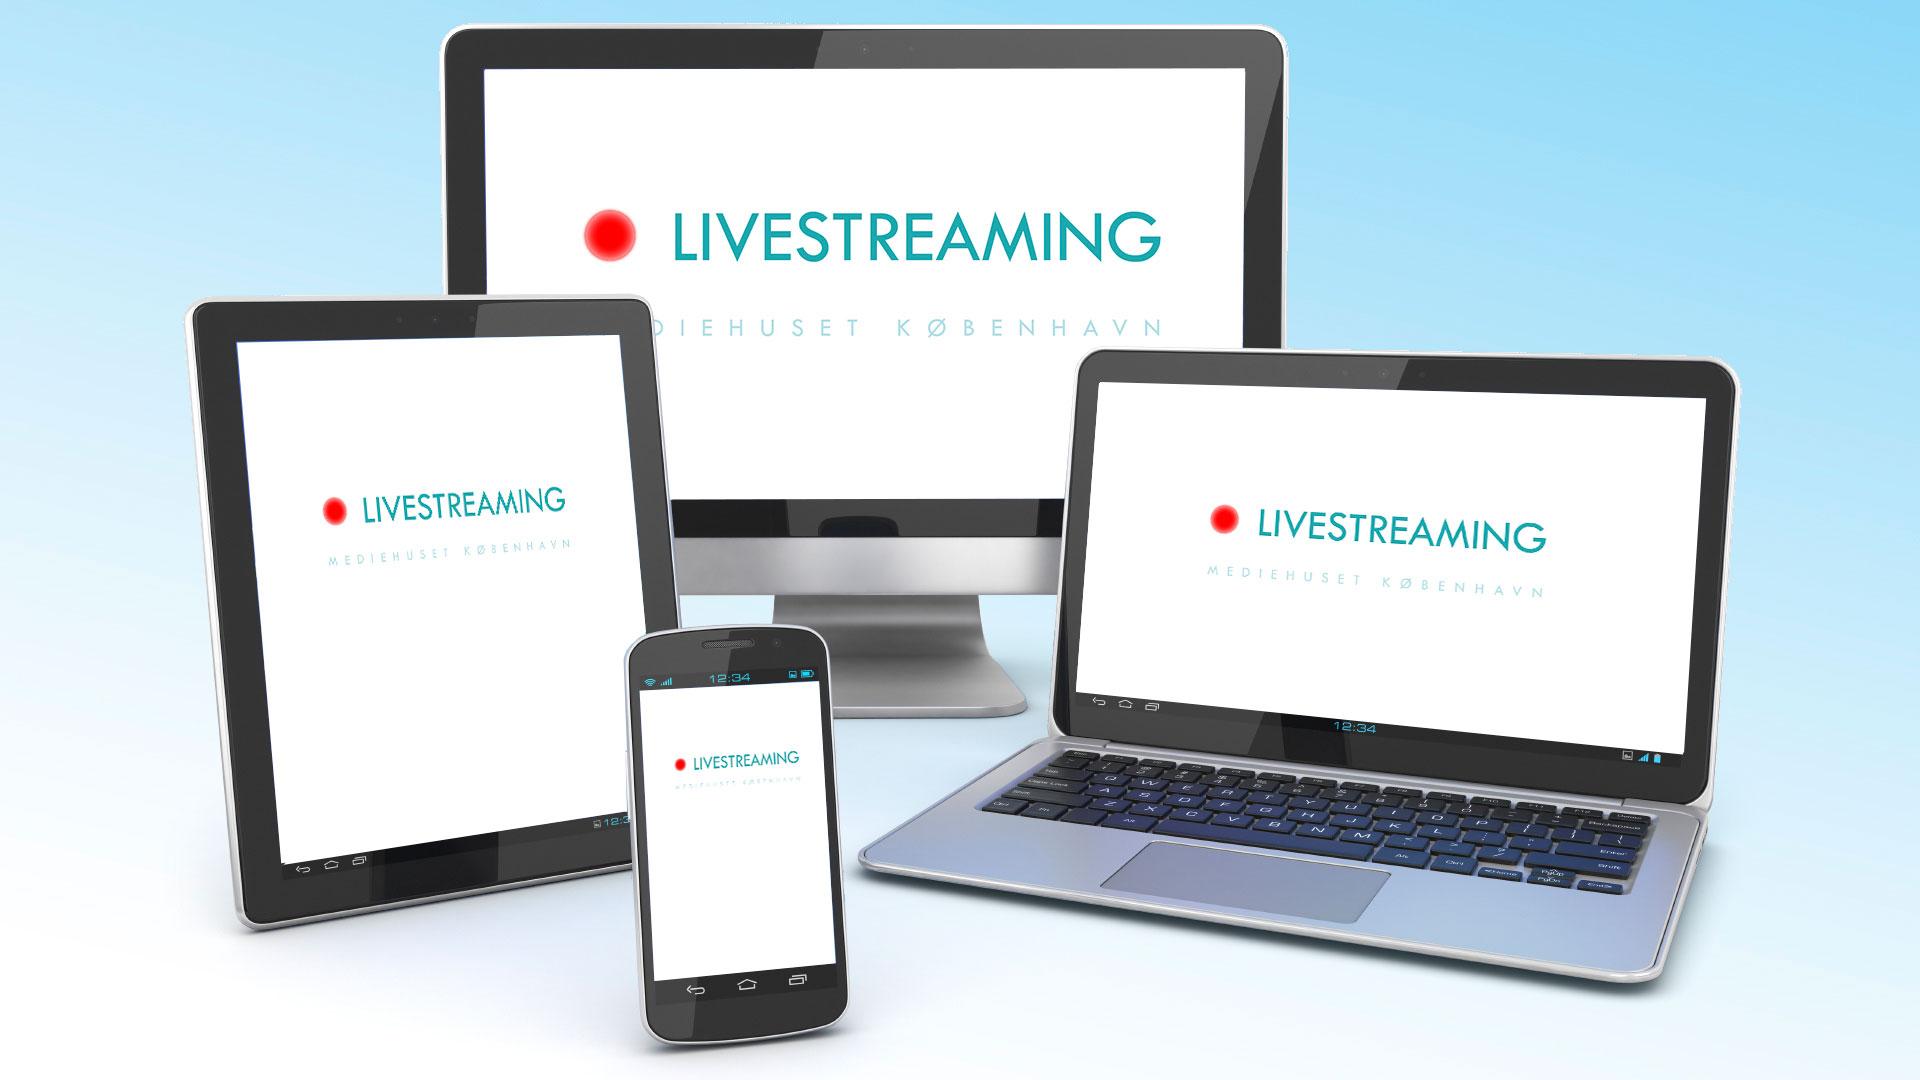 Livestreaming service fra Mediehuset København Live Streaming